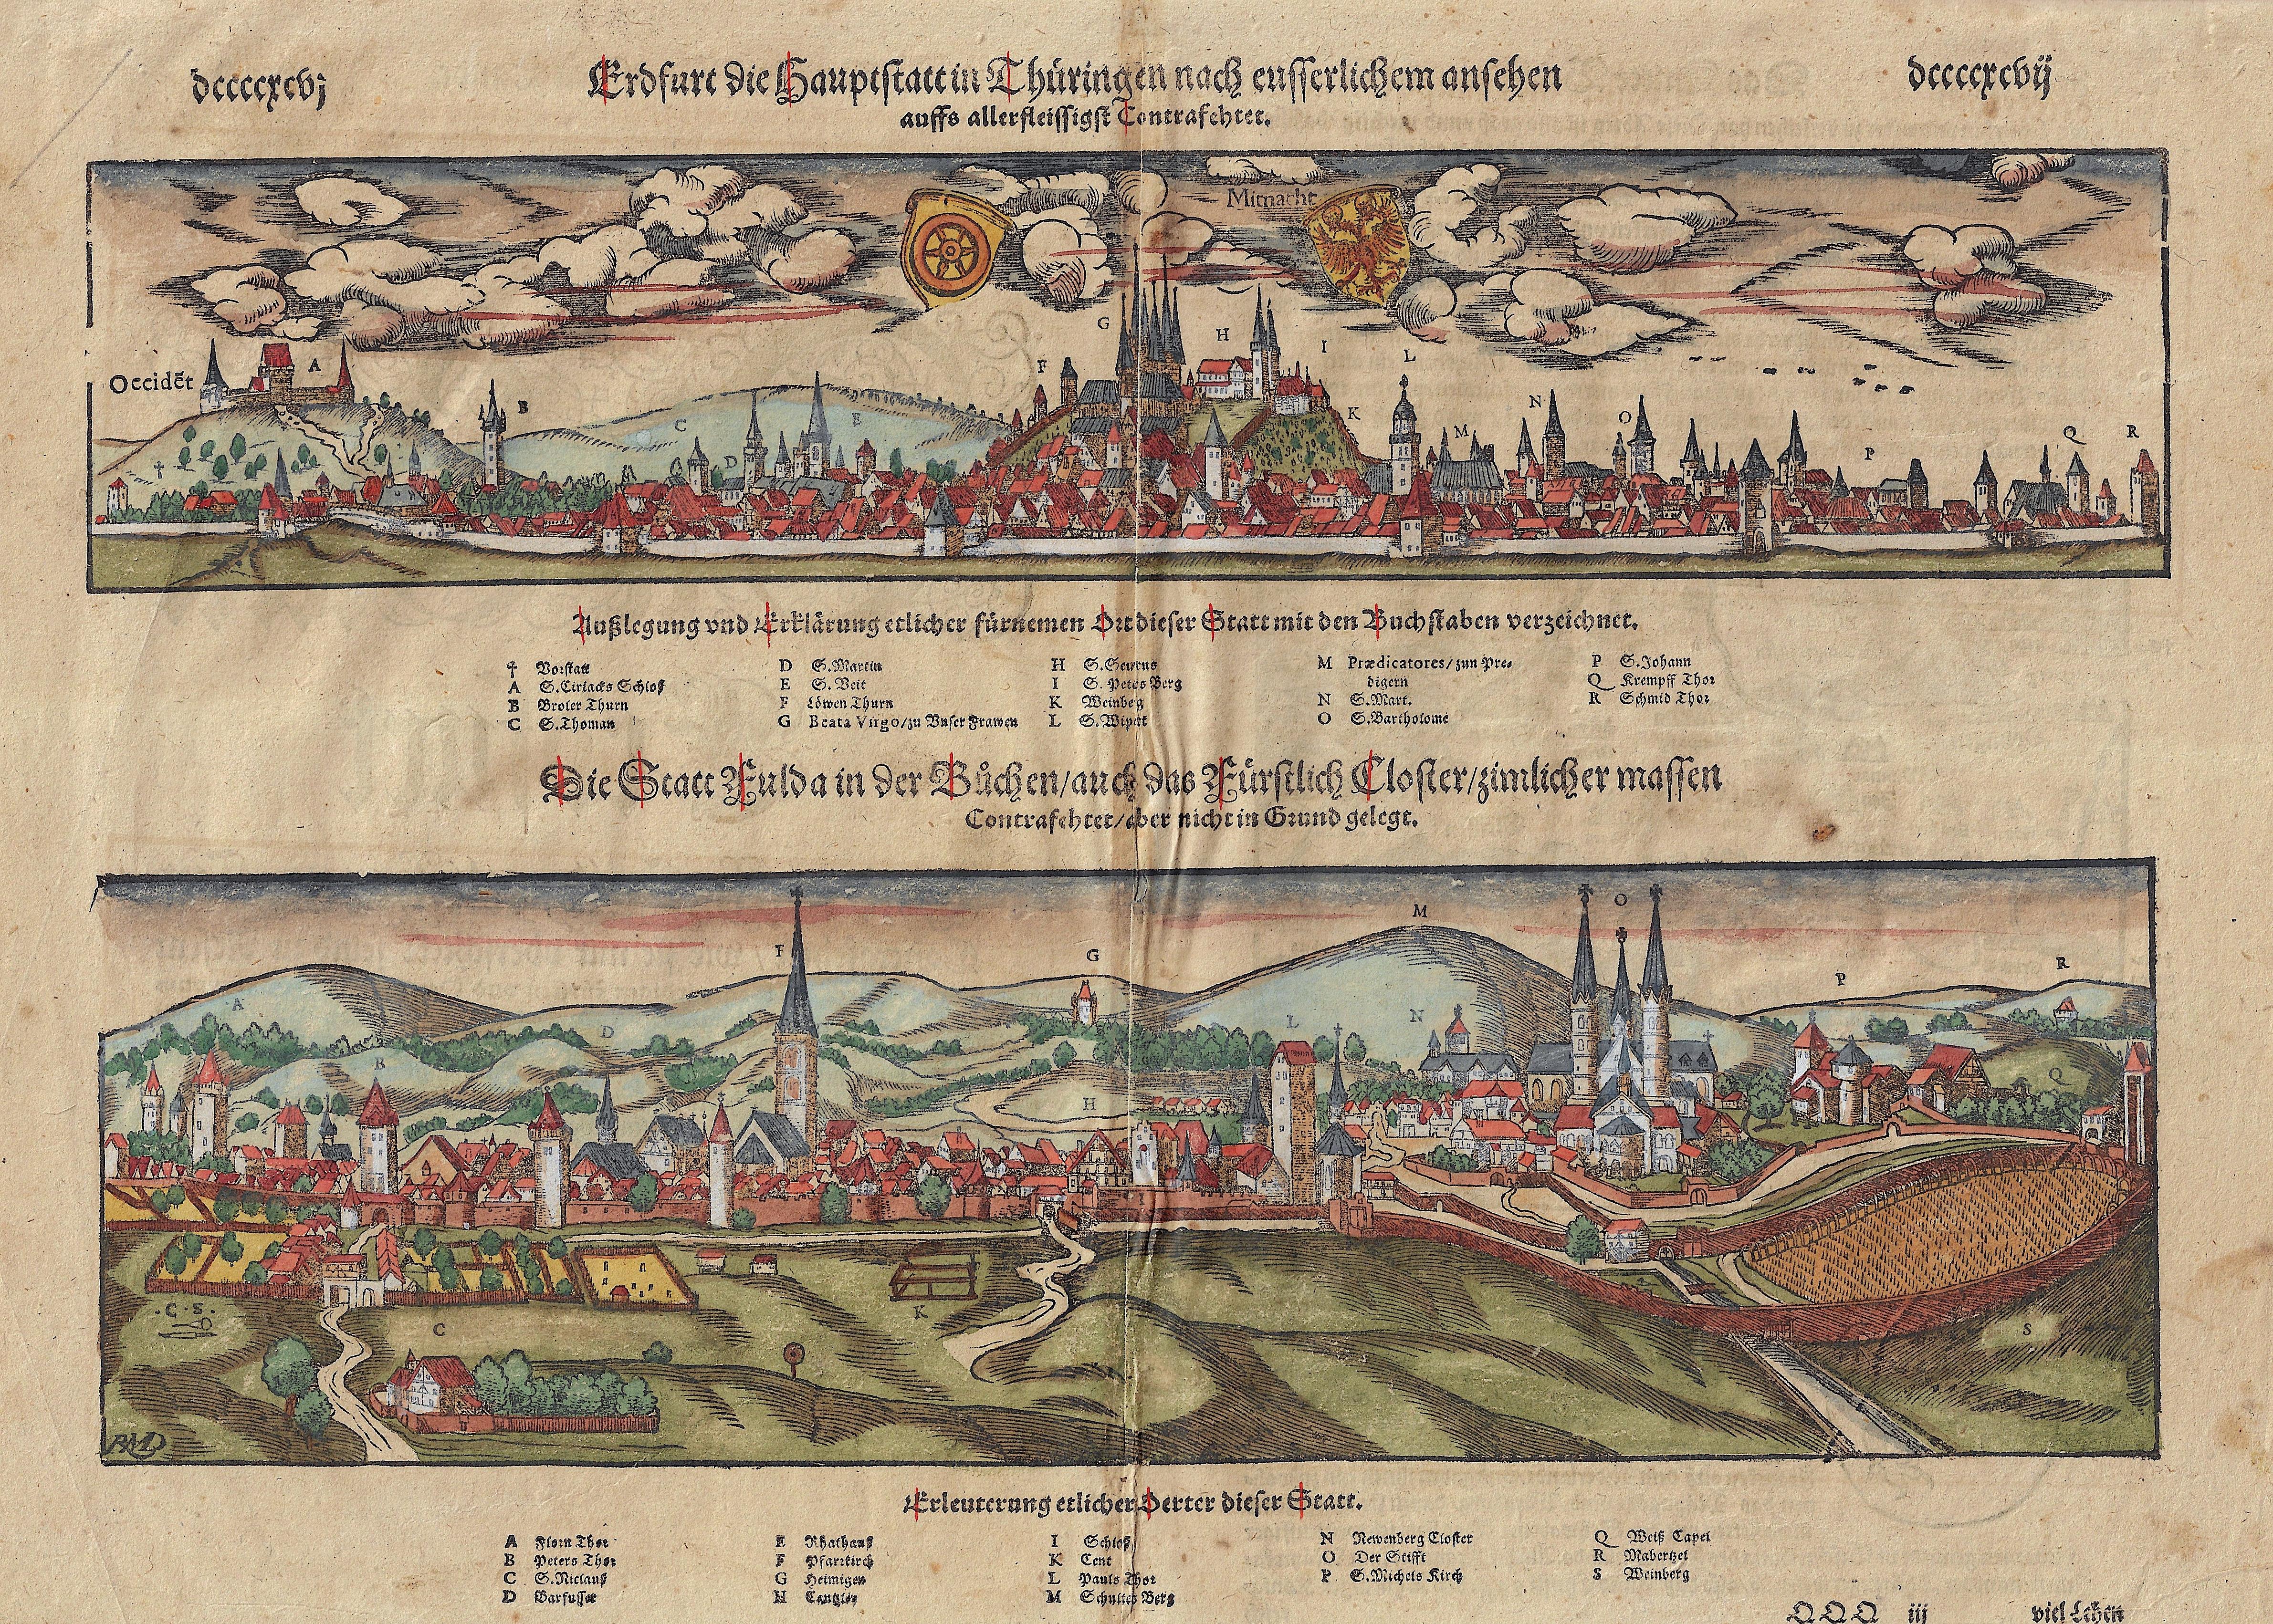 Münster  Die Statt Fulda in der Büchen/auch das Fürstlich Closter/zimlicher massen / Erdfurt die Hauptstatt in Thüringen nach eusserlichem ansehen